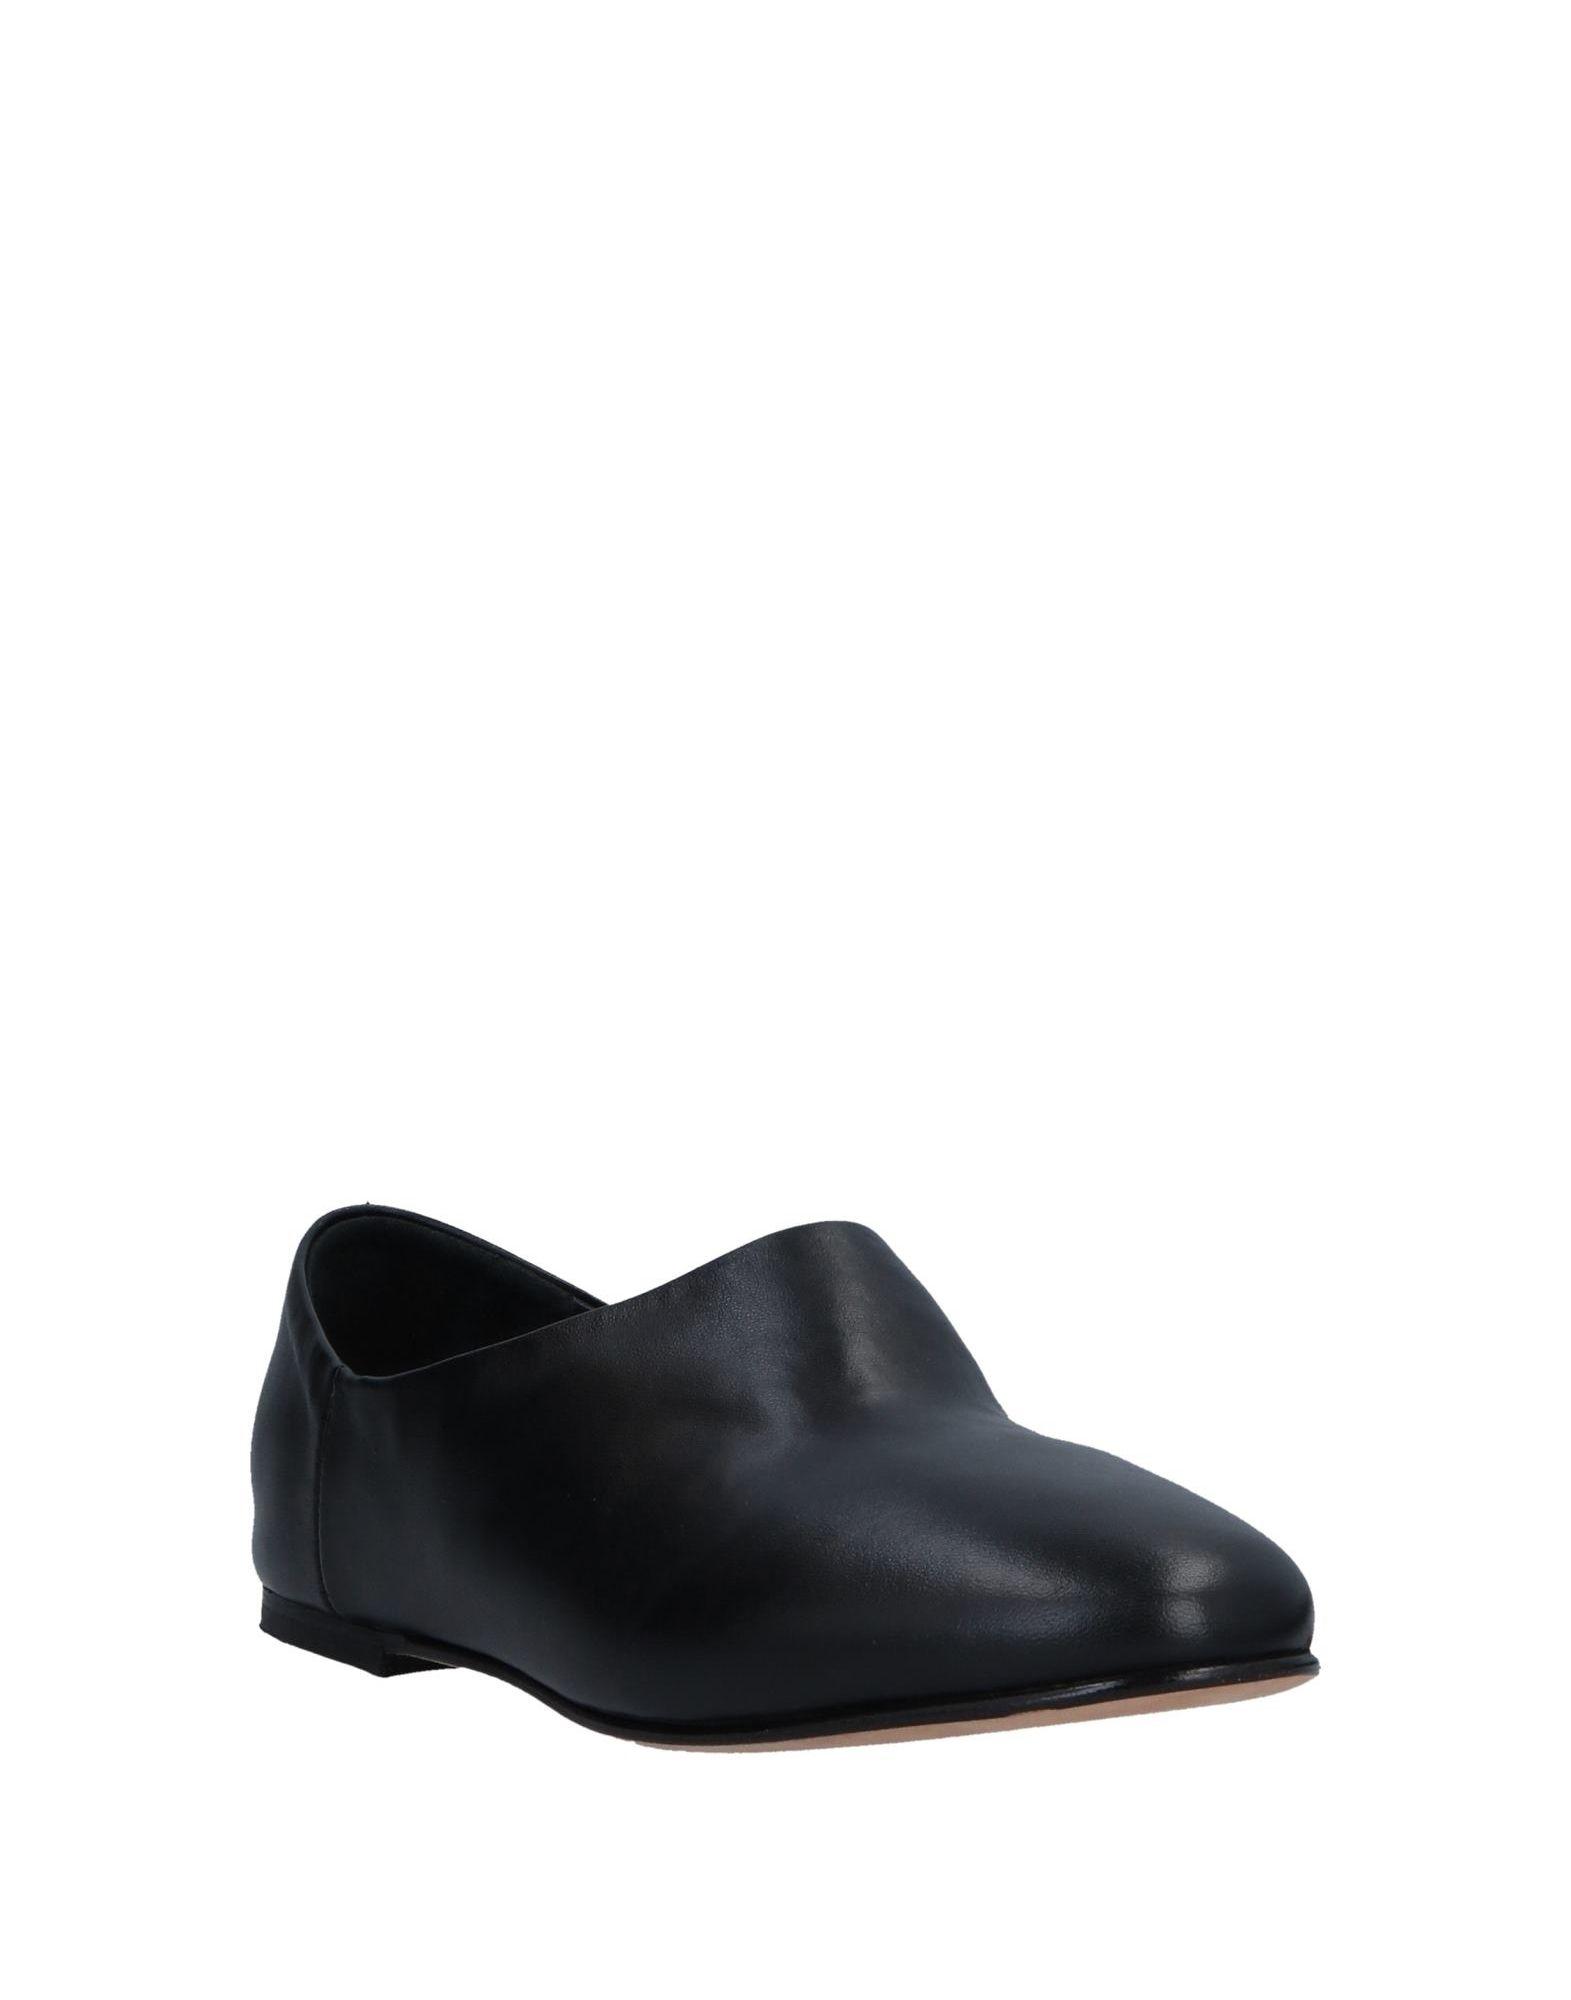 J|D Julie Dee Mokassins Damen  11533143DF Gute Qualität beliebte Schuhe